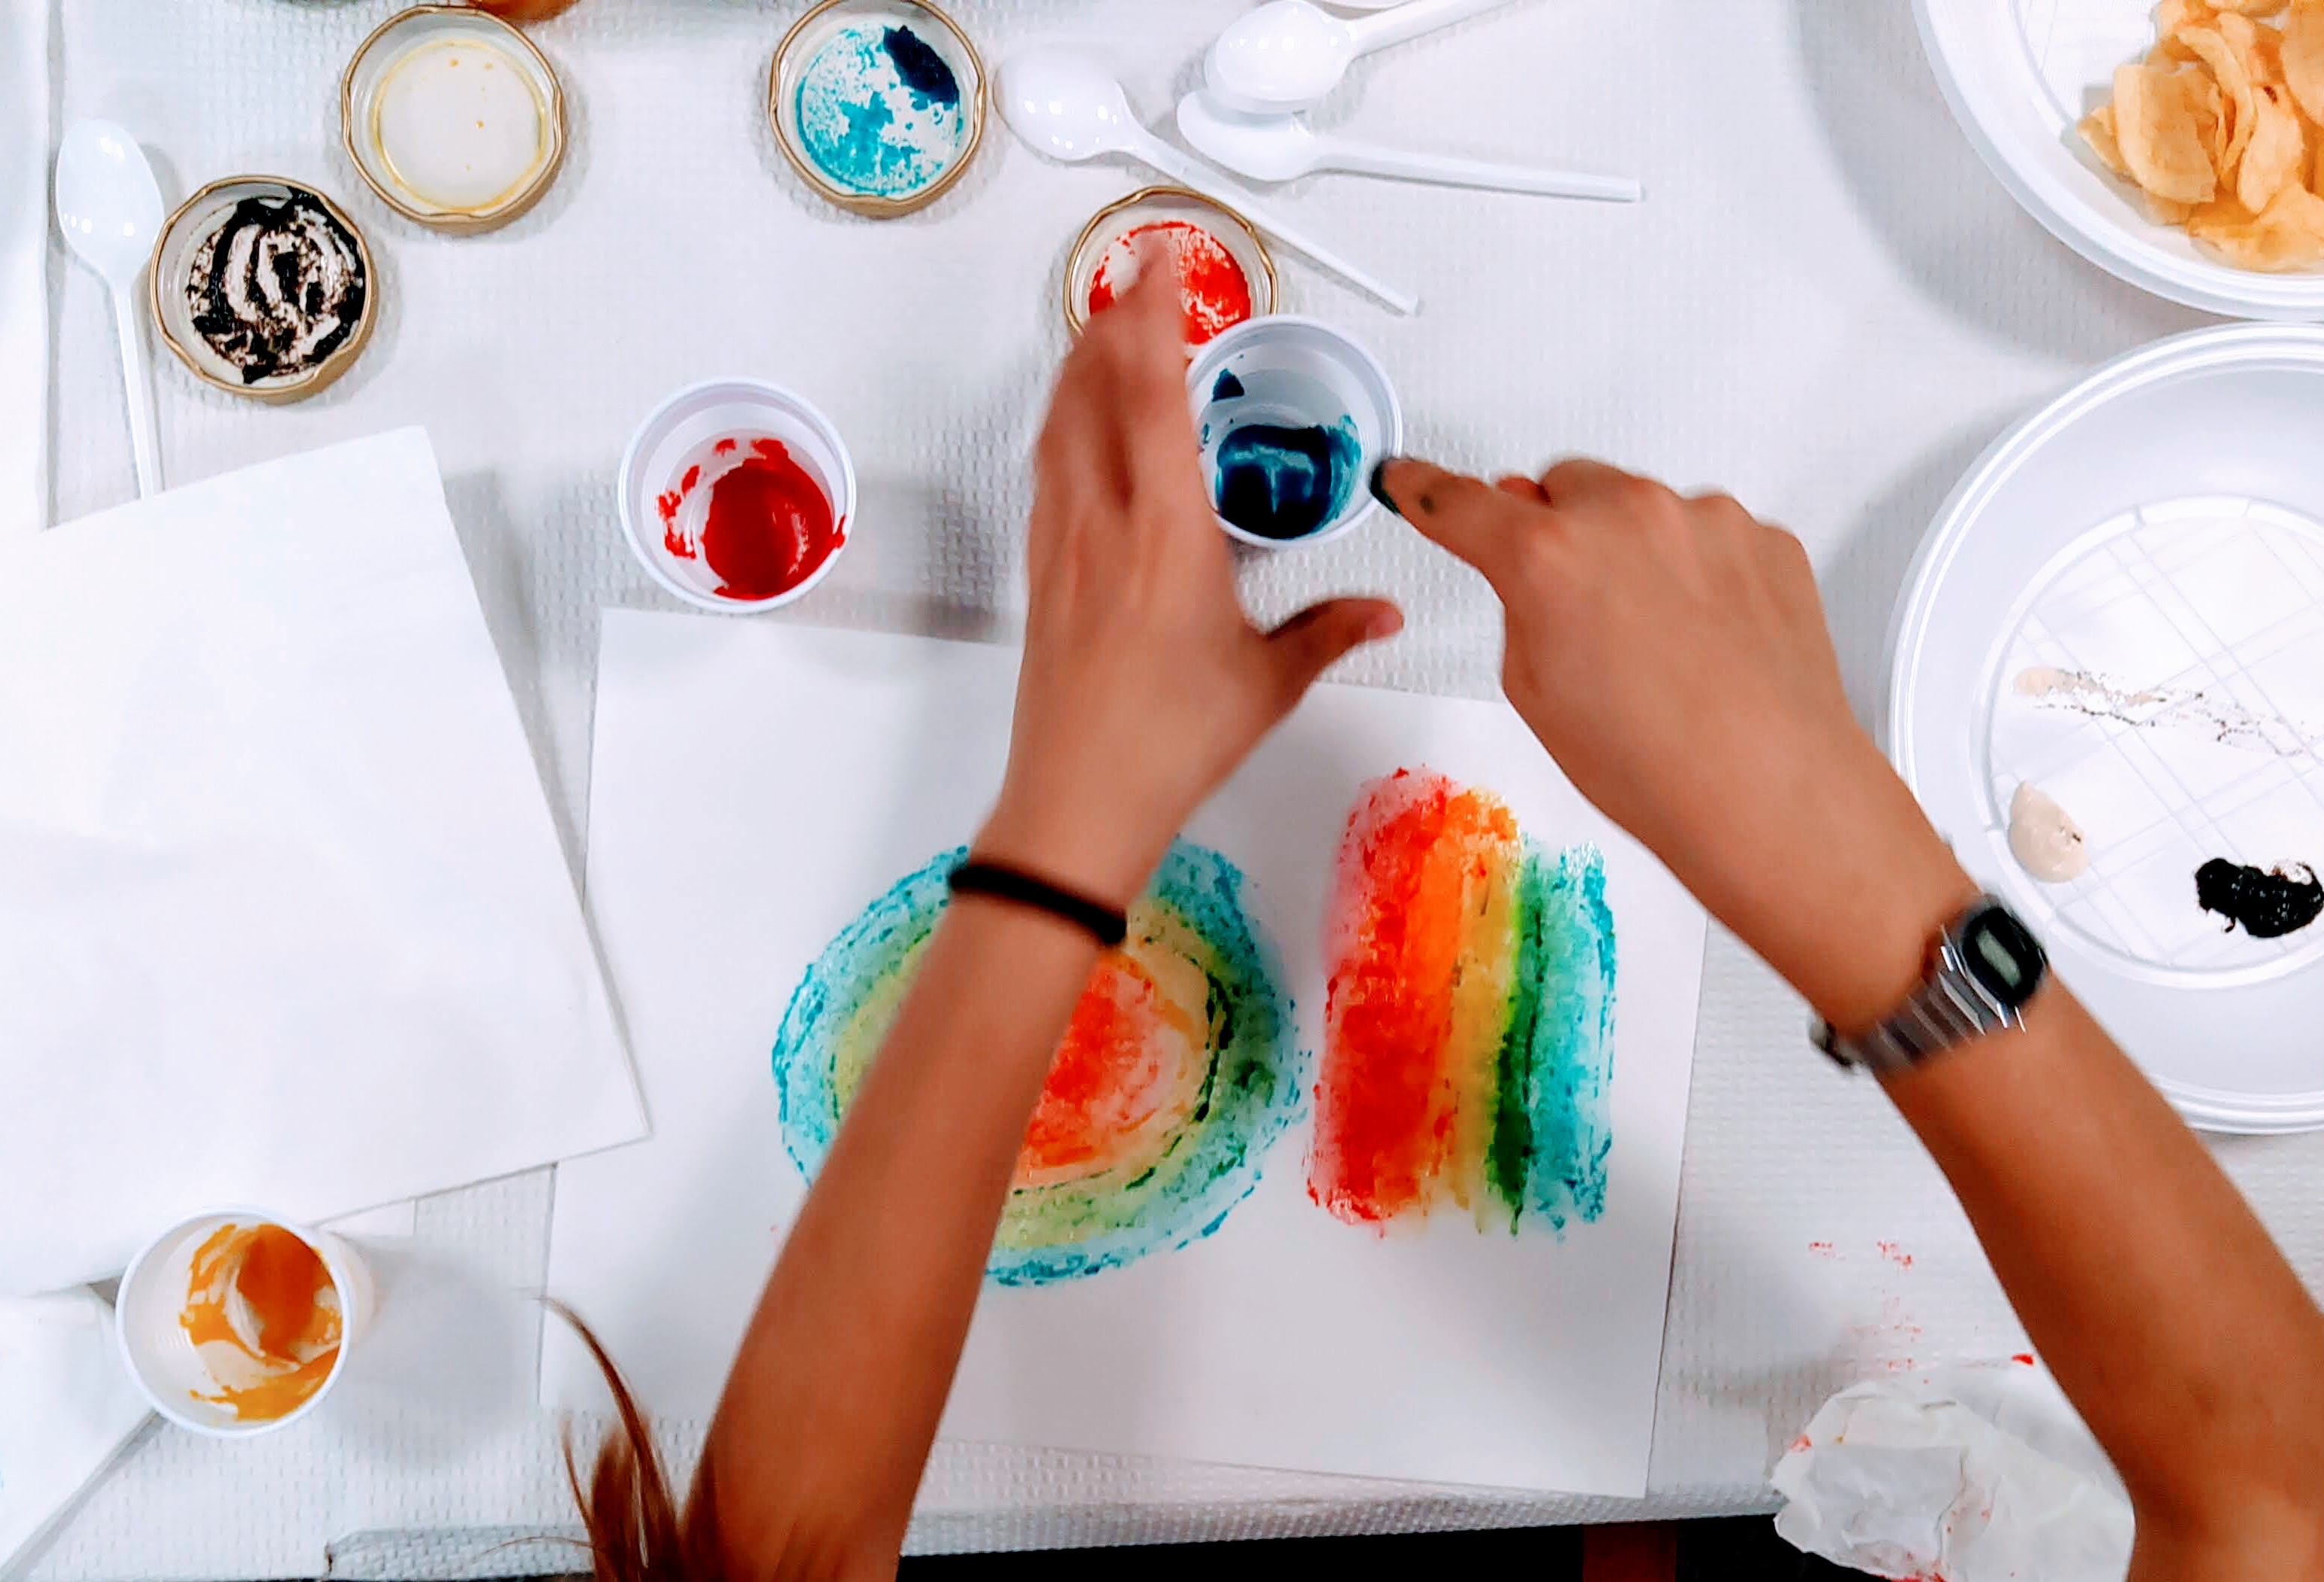 La bambina dipinge con marmellate colorate su tela di pane